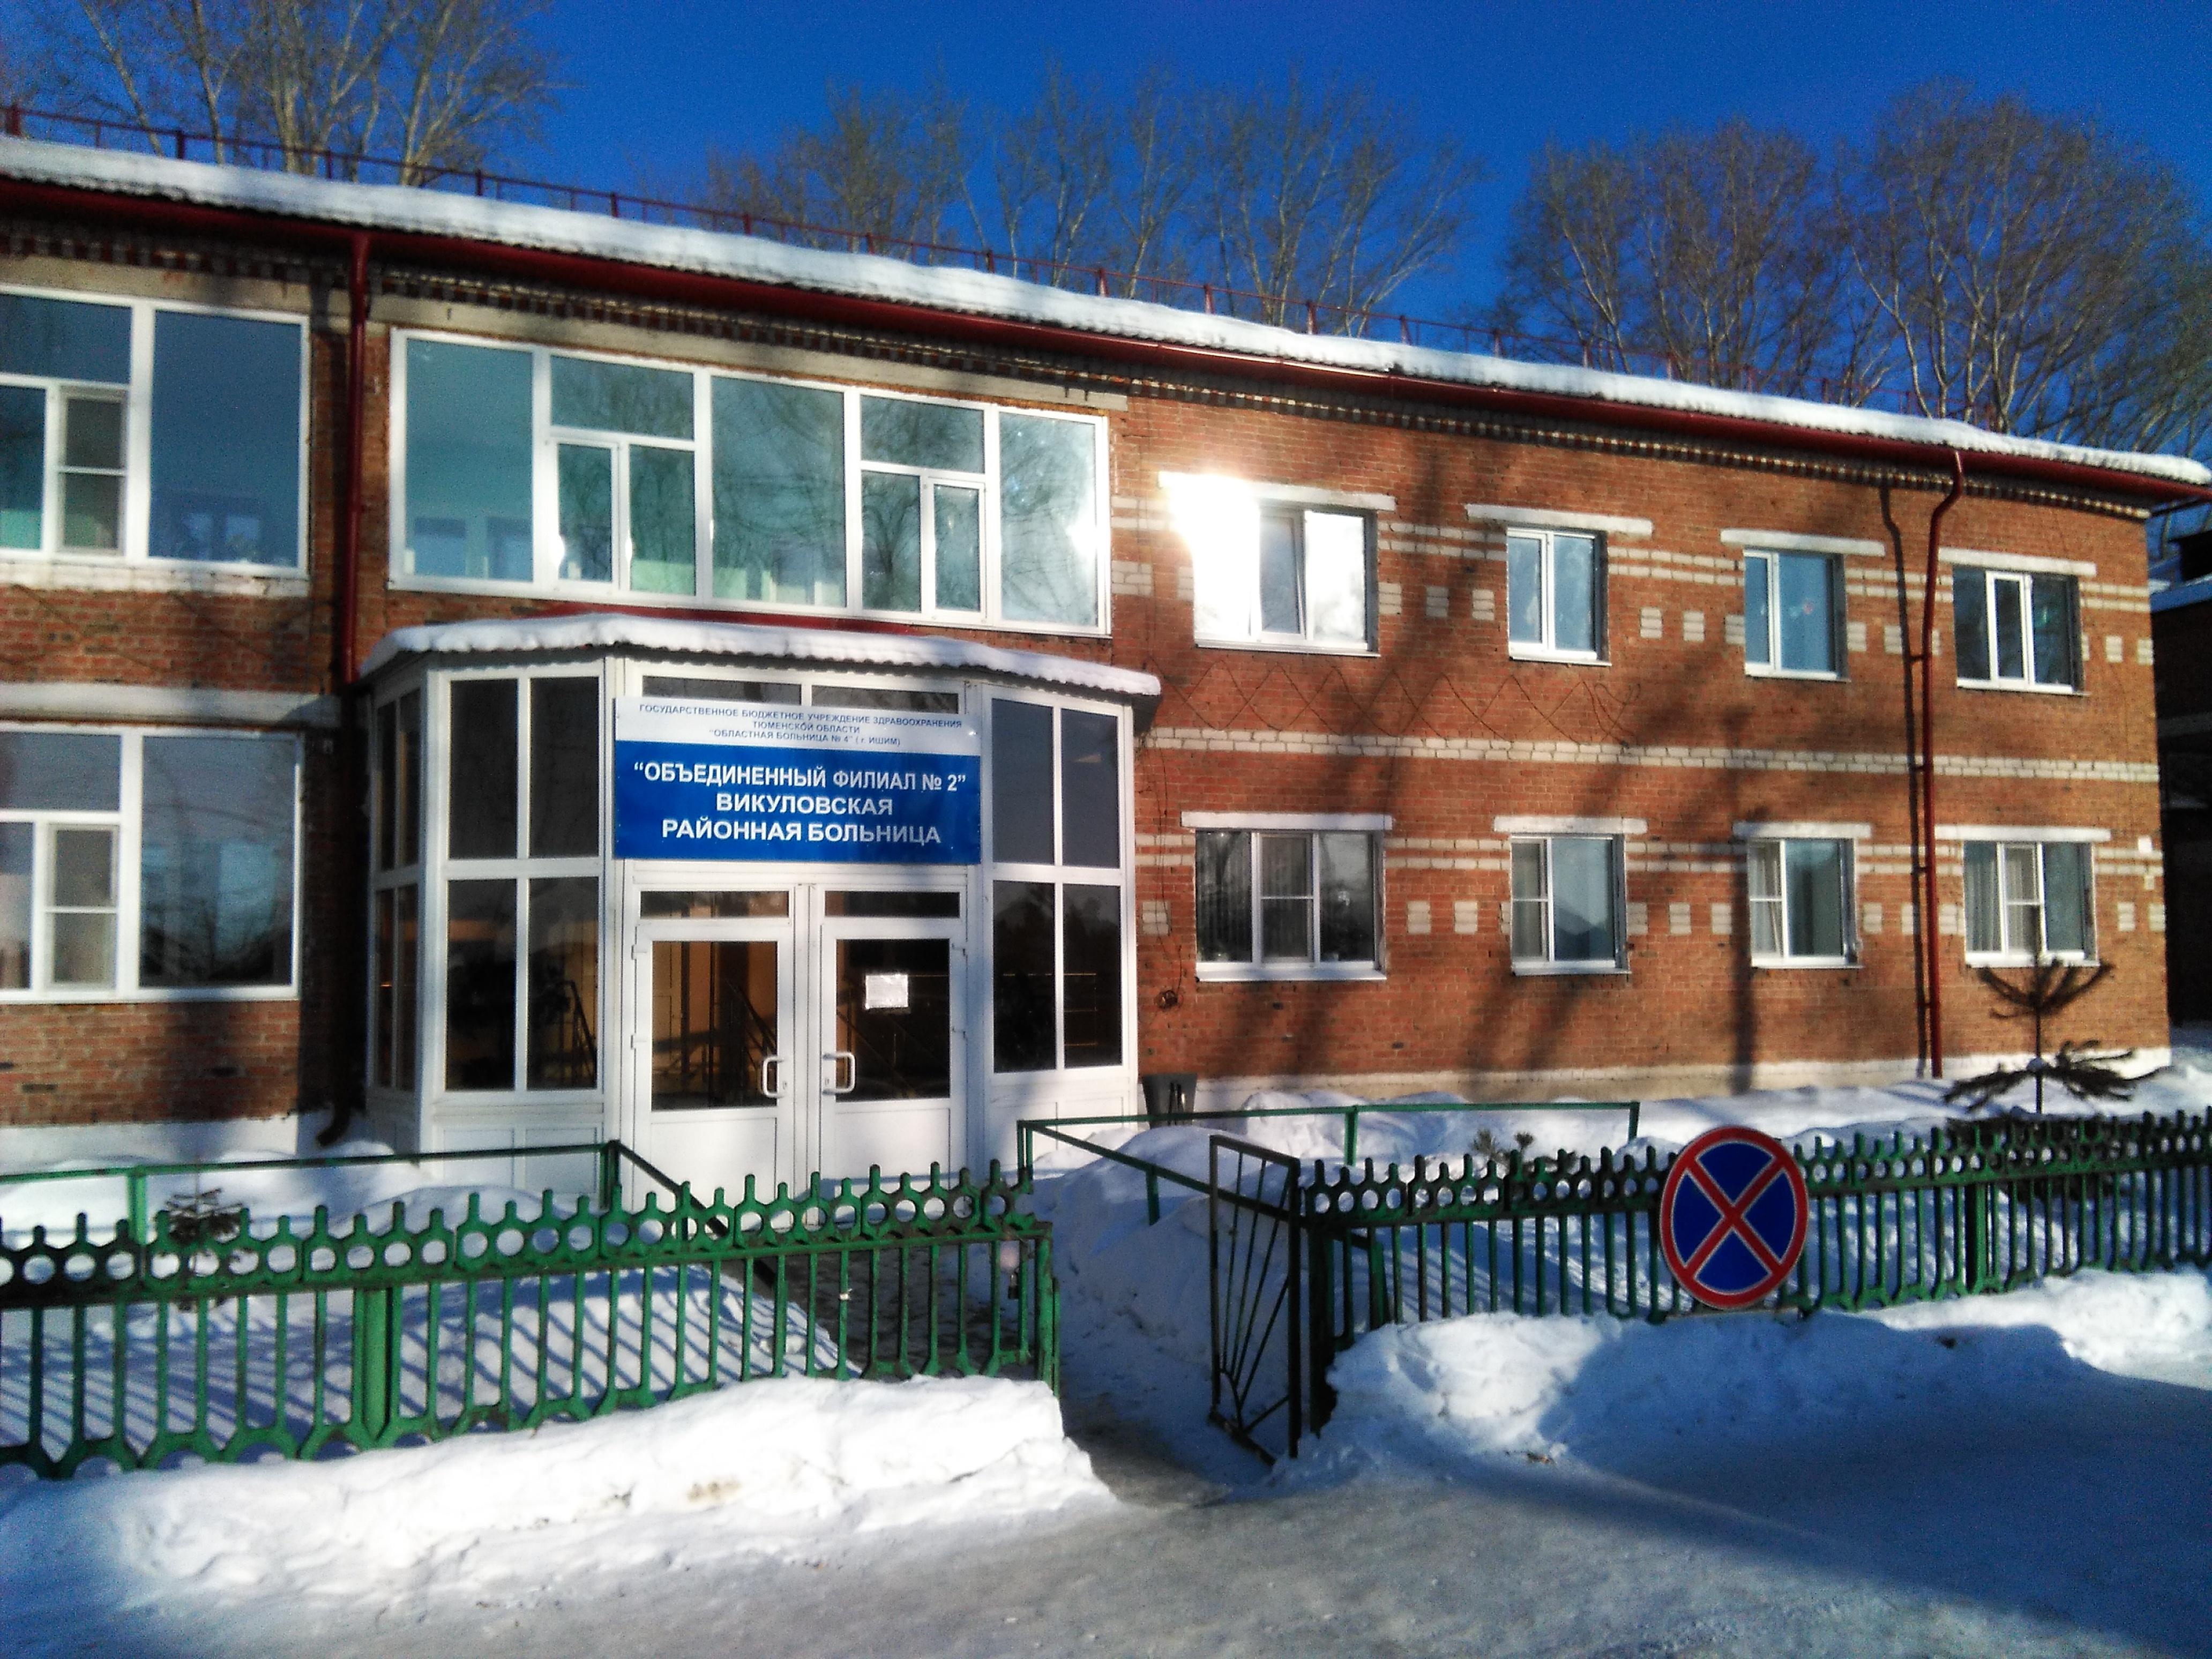 Лучшая ветеринарная клиника красноярска отзывы